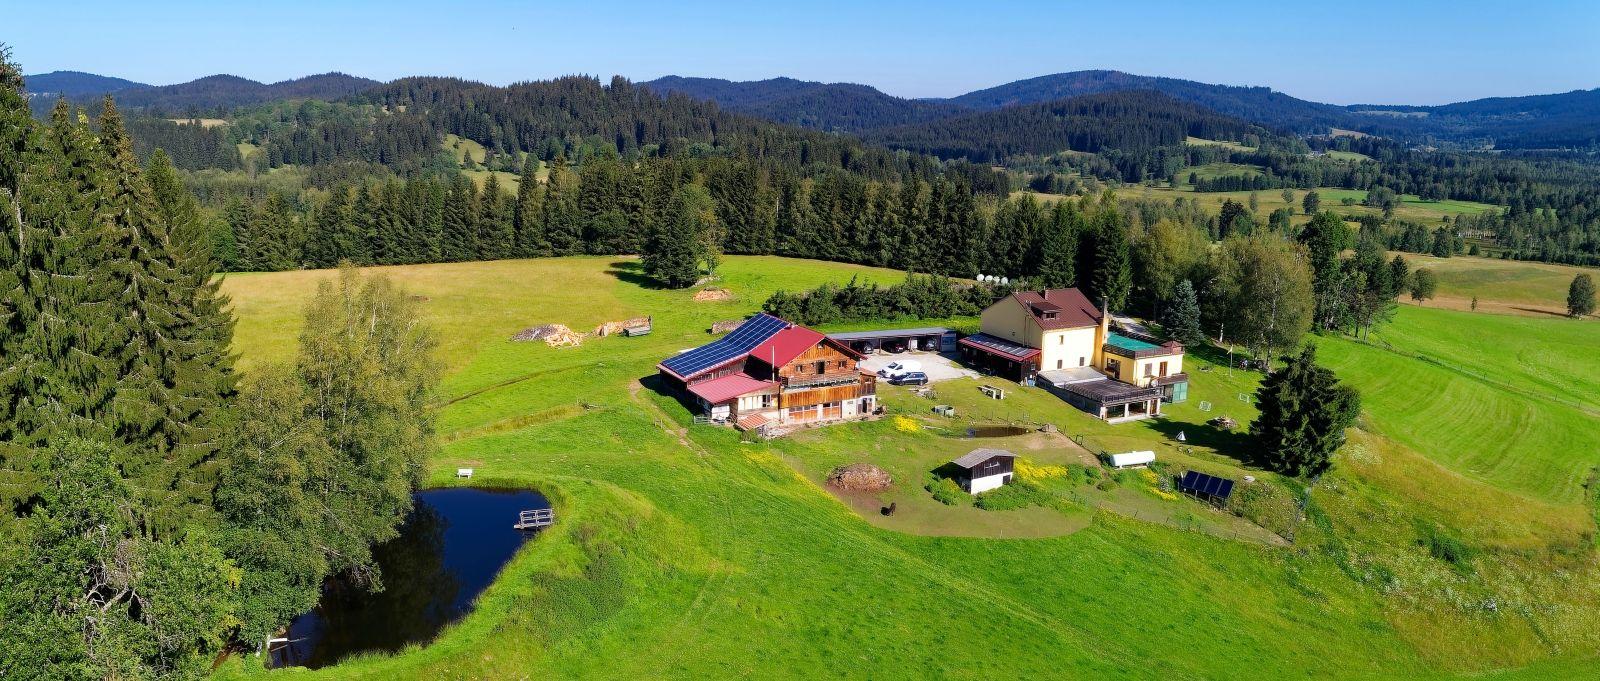 Runenhof die Bauernhof Pension im Bayerischen Wald